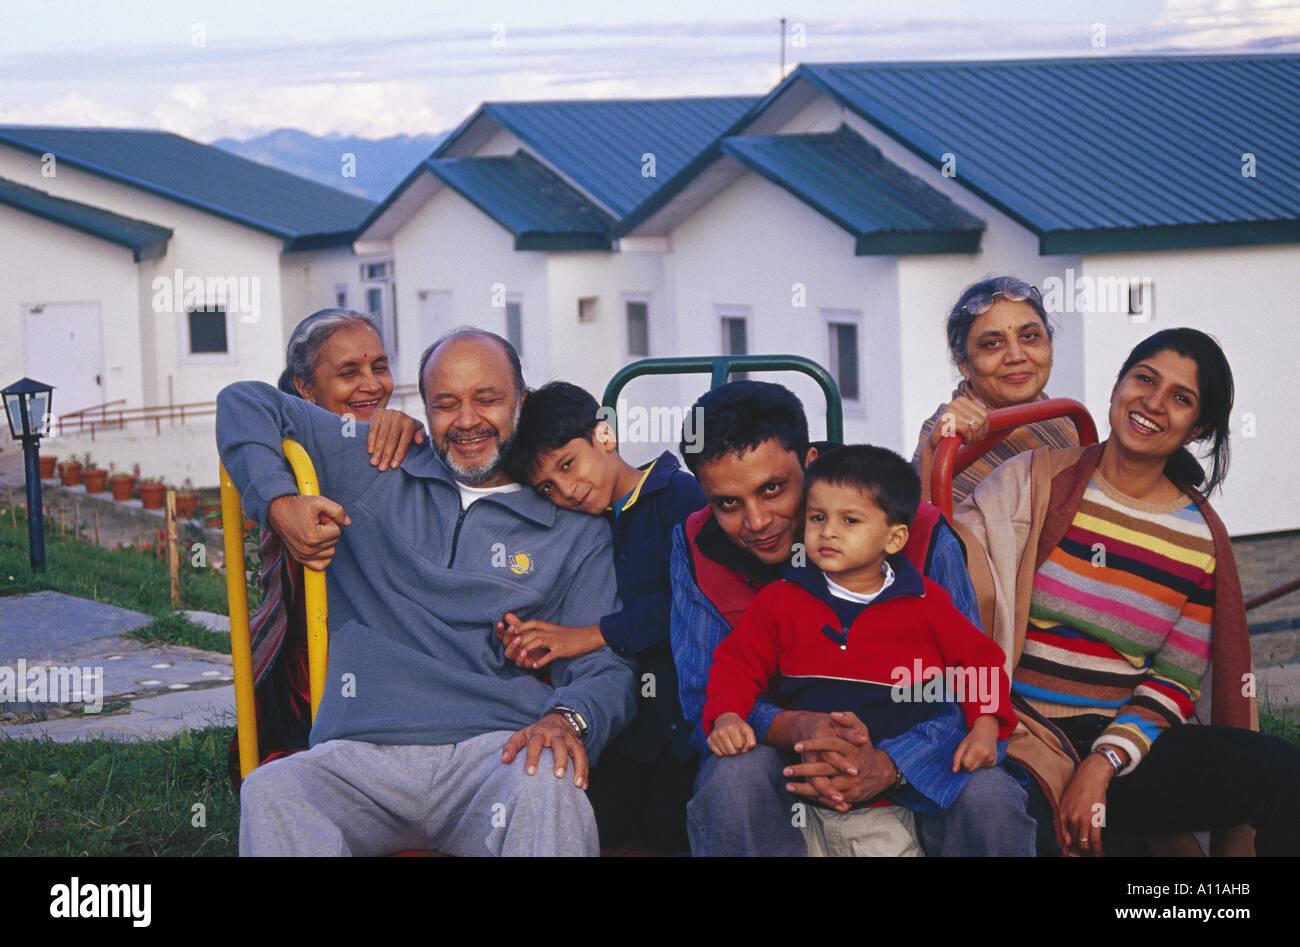 Urban famiglia indiana di sette in vacanza al Koti vicino a Simla Himachal Pradesh India - modello rilasciato Immagini Stock